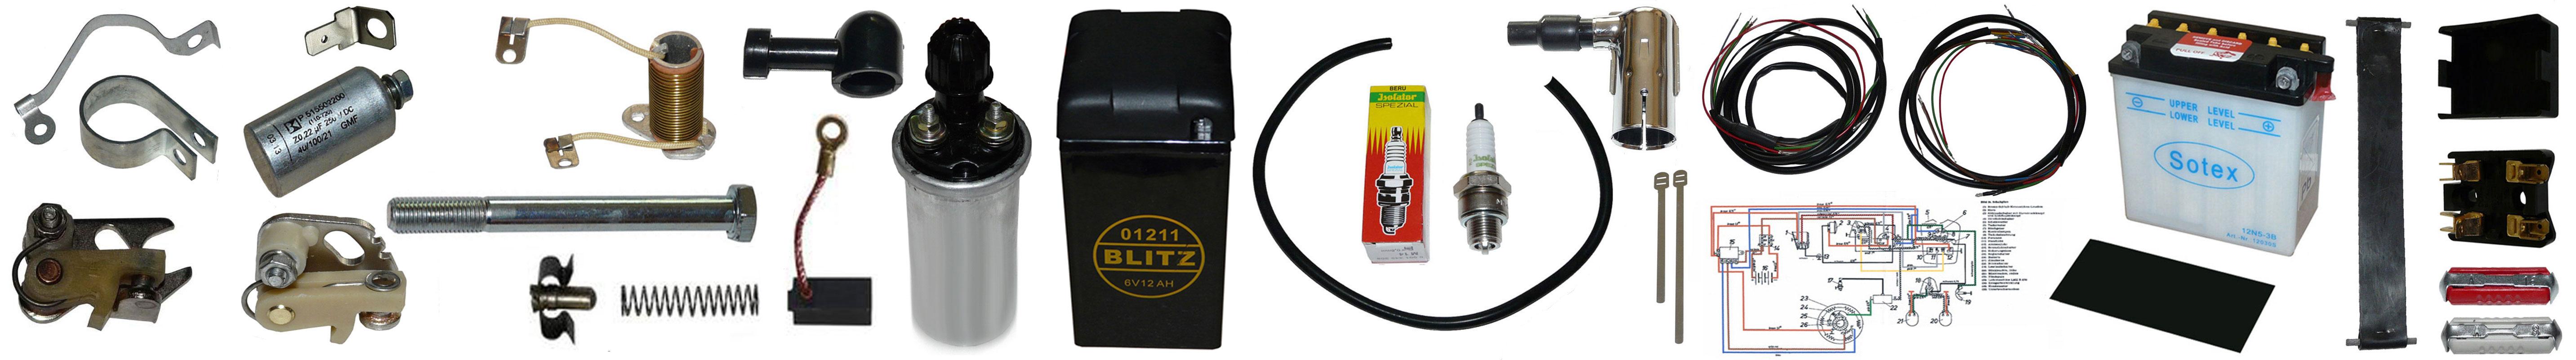 MZ ES 175 250 Ersatzteile Elektrik